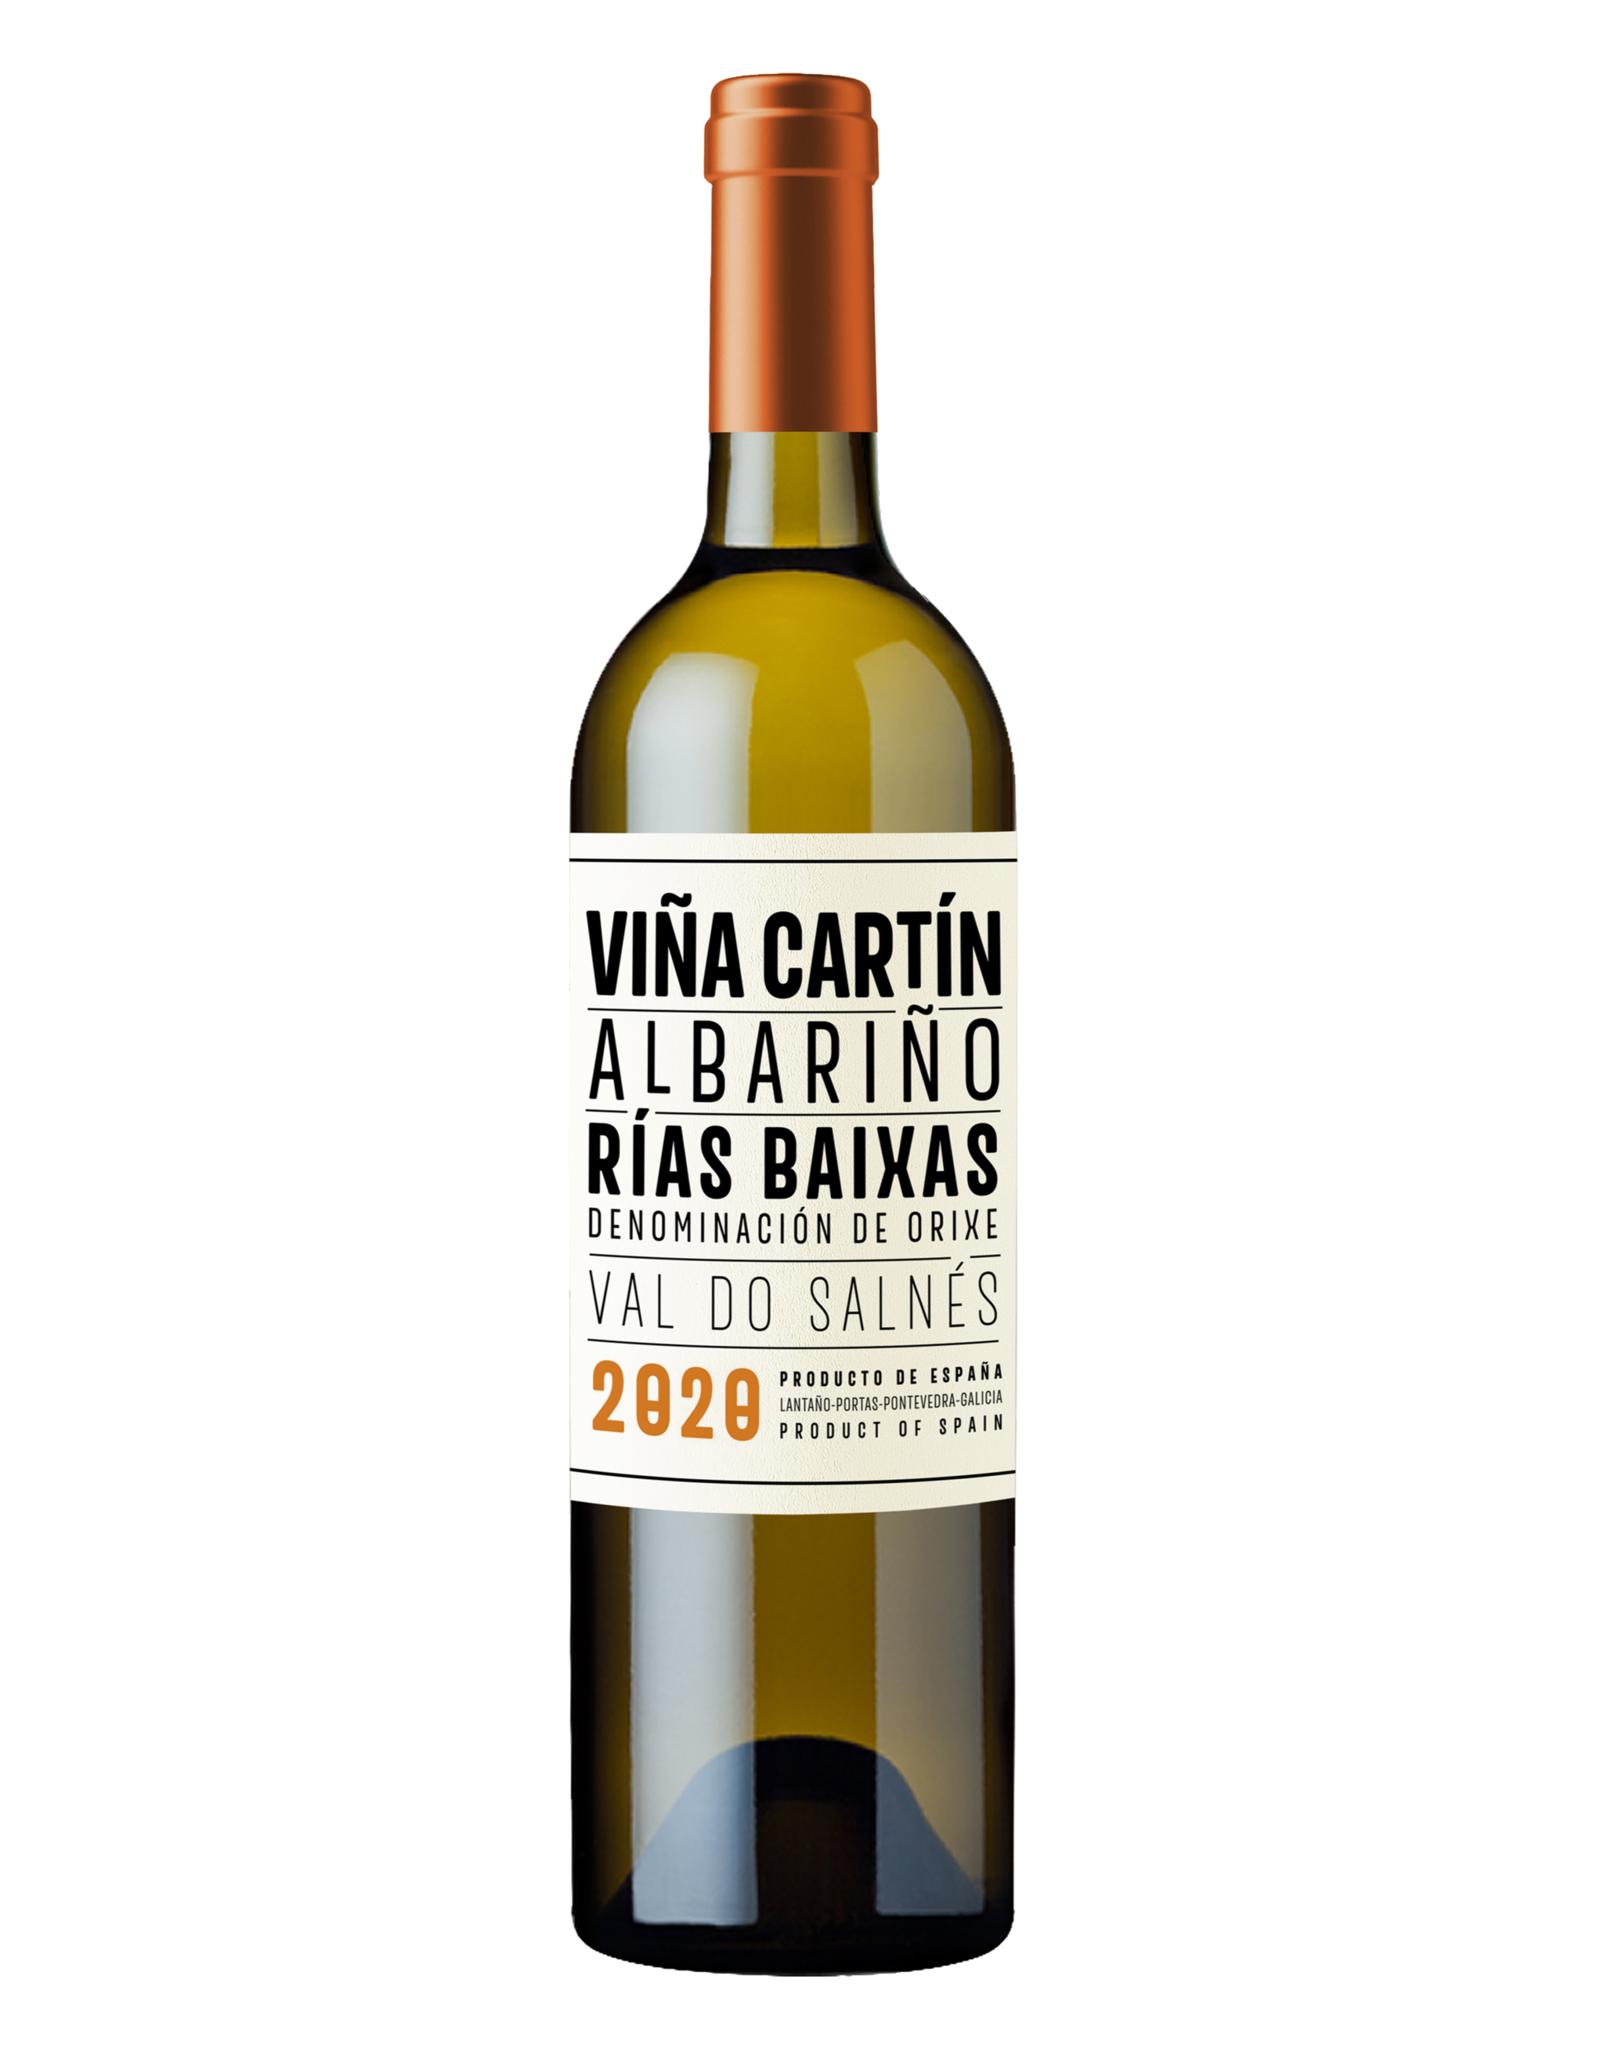 Viña Cartín Viña Cartín Albariño Rias Baixas Val do Salnés 2019 & 2020